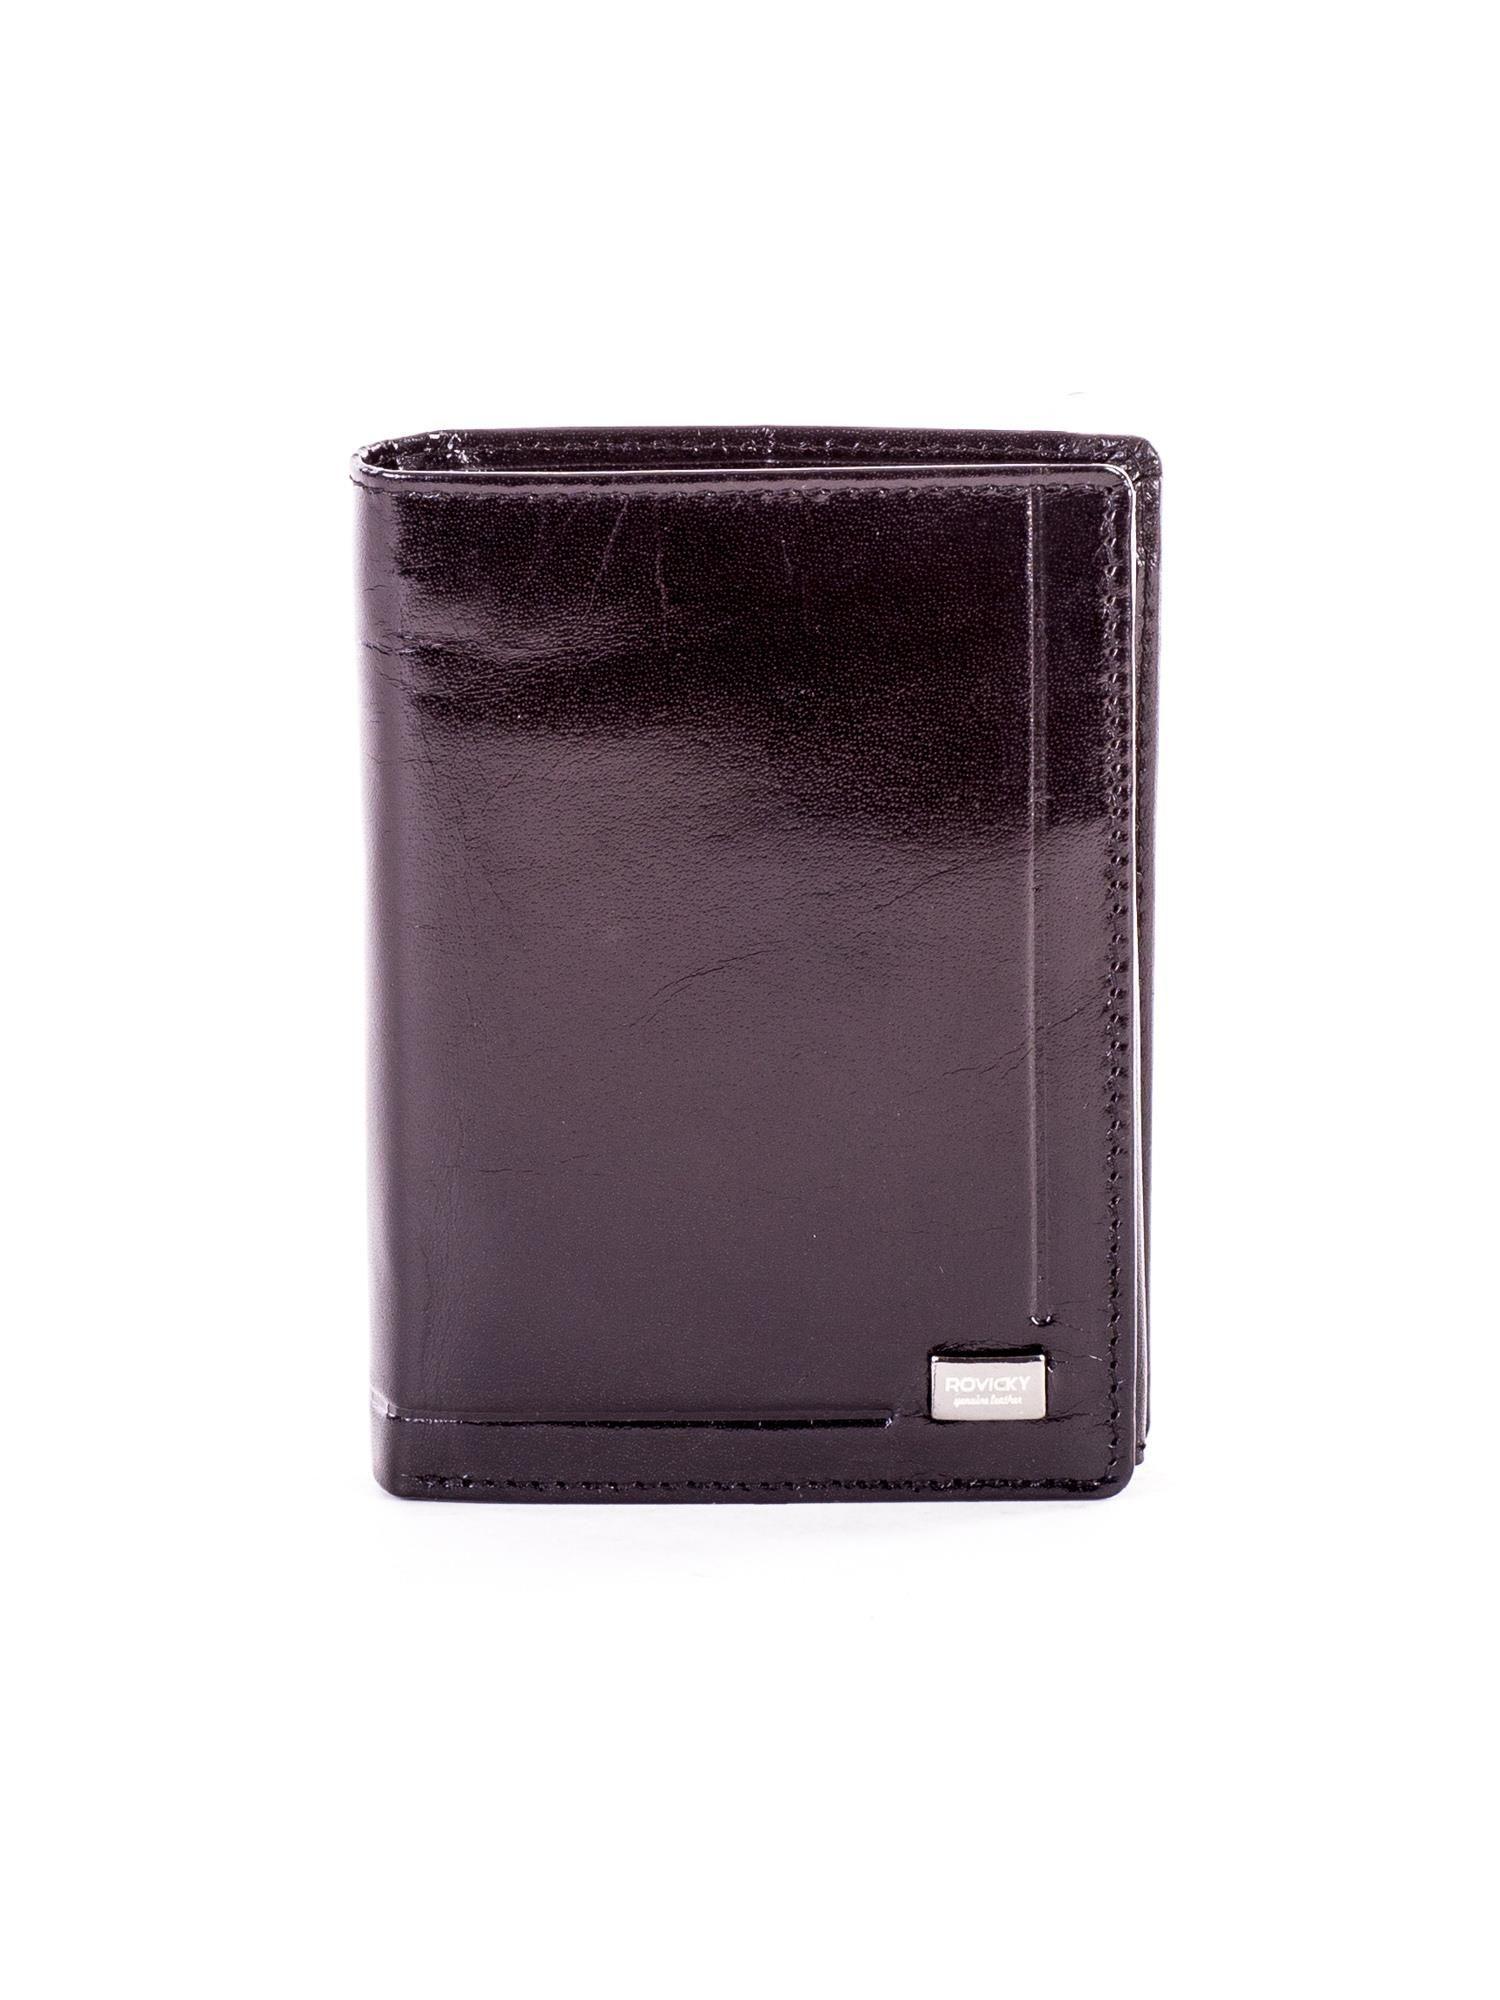 4b0f2421d2ea0 Czarny skórzany portfel dla mężczyzny z geometrycznymi tłoczeniami ...